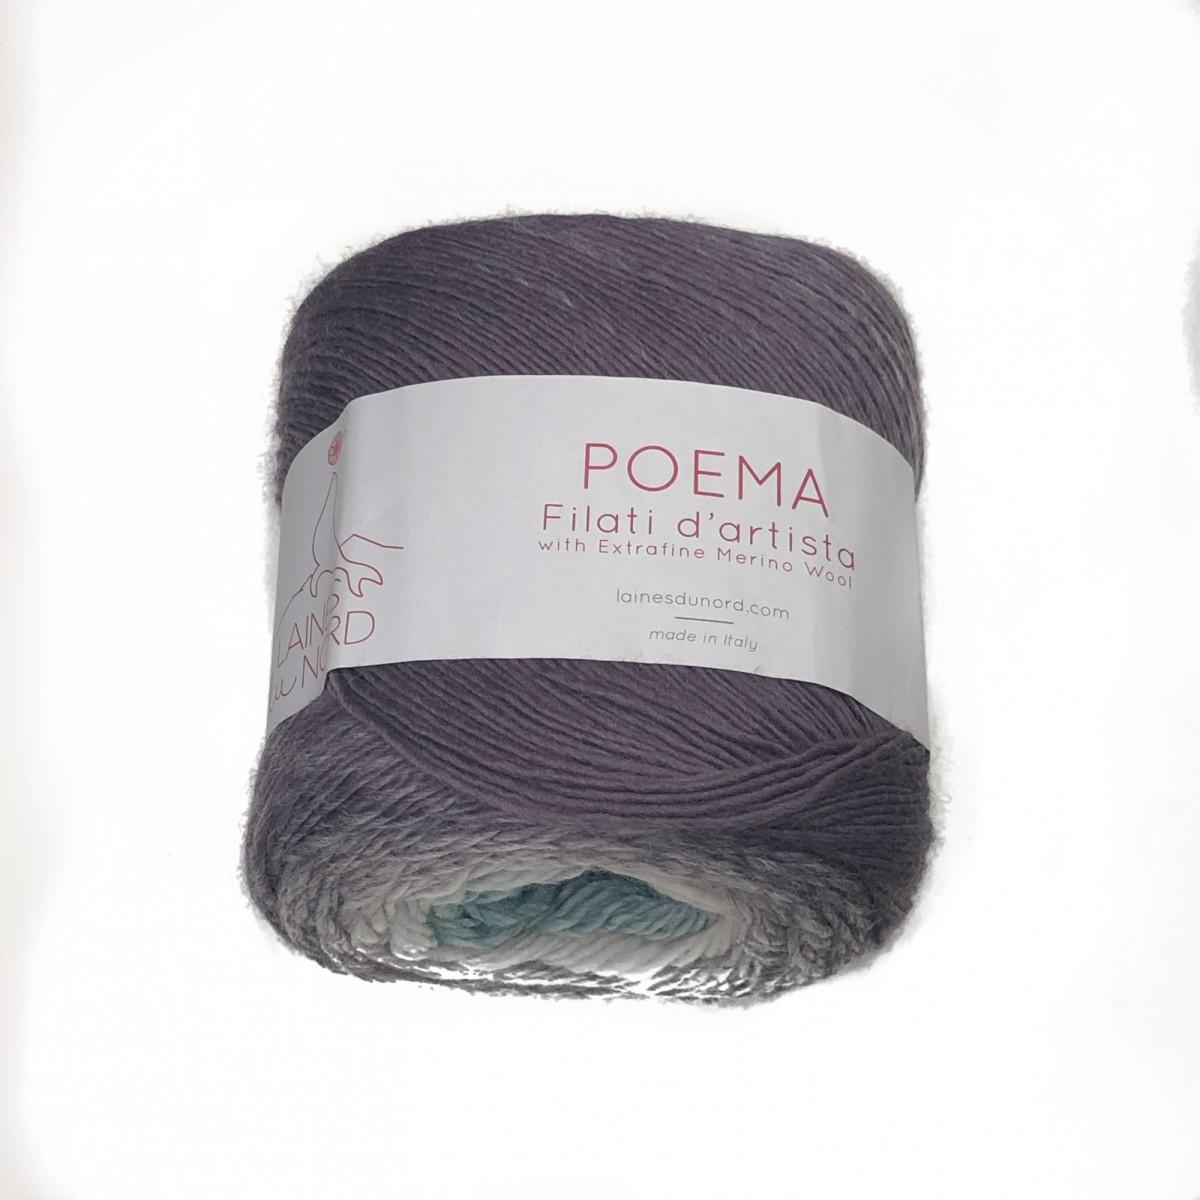 Пряжа Поэма (Poema)